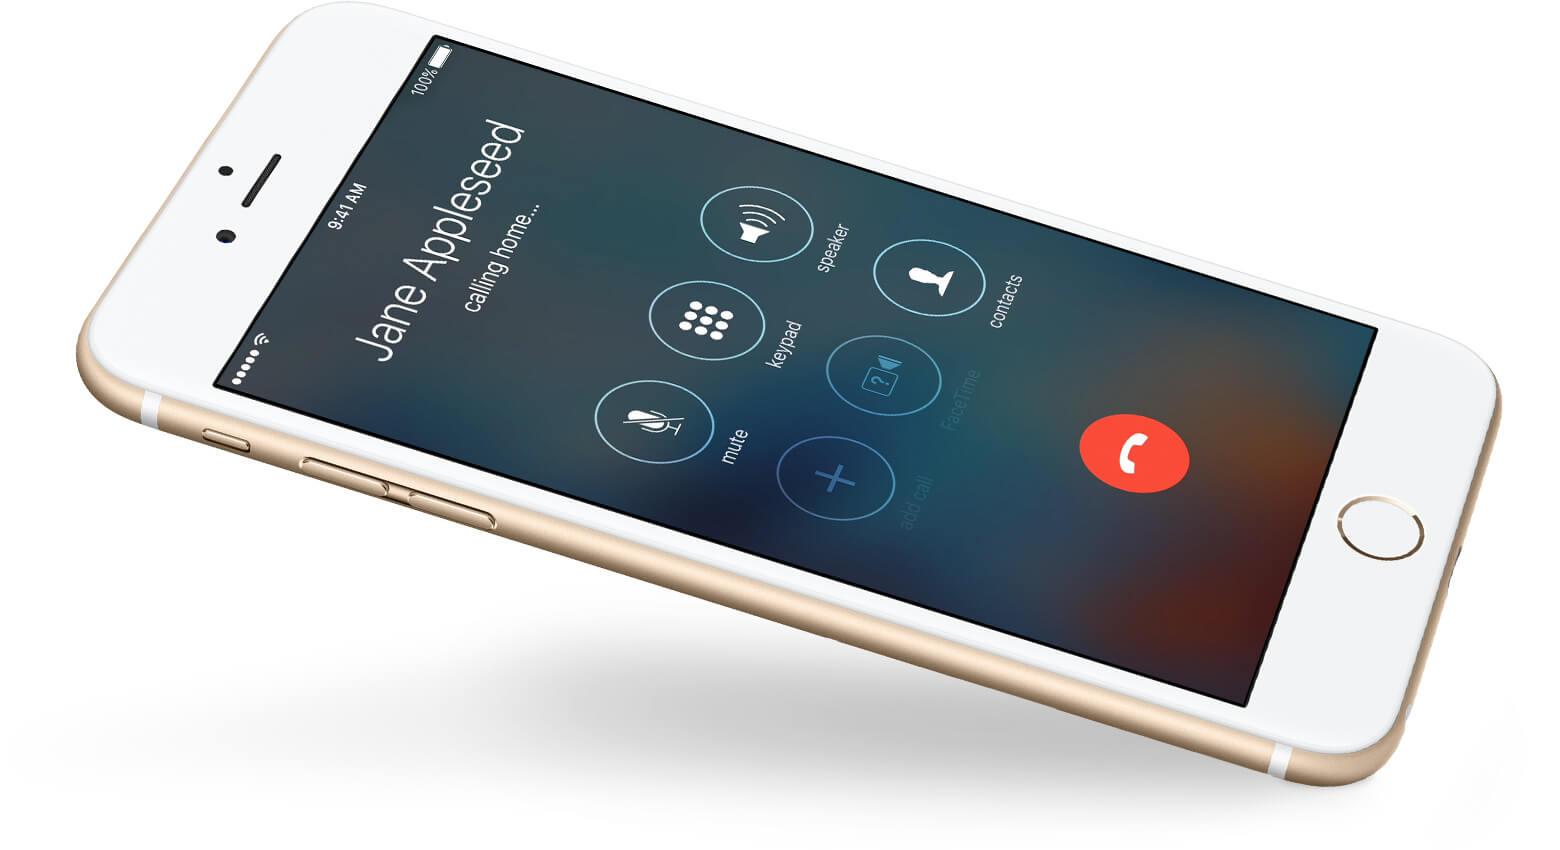 iPhone : comment enregistrer un appel sans recourir à une application ?